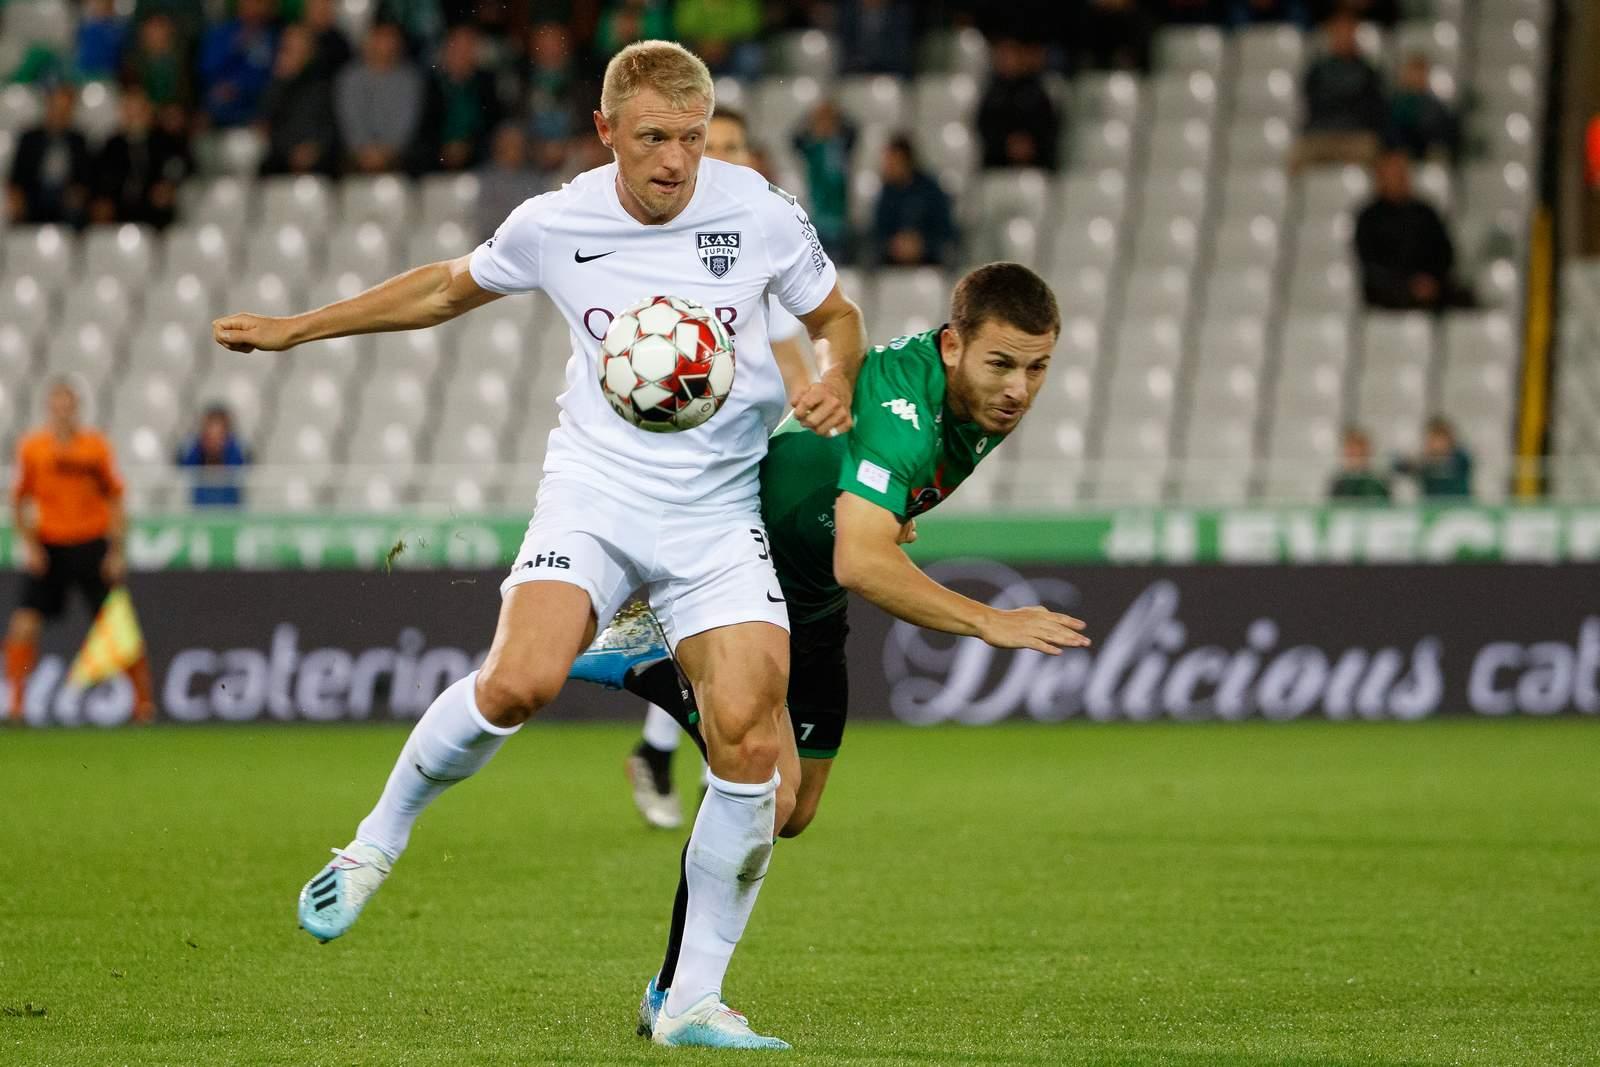 Andreas Beck von KAS Eupen gegen Kylian Hazard von Cercle Brügge